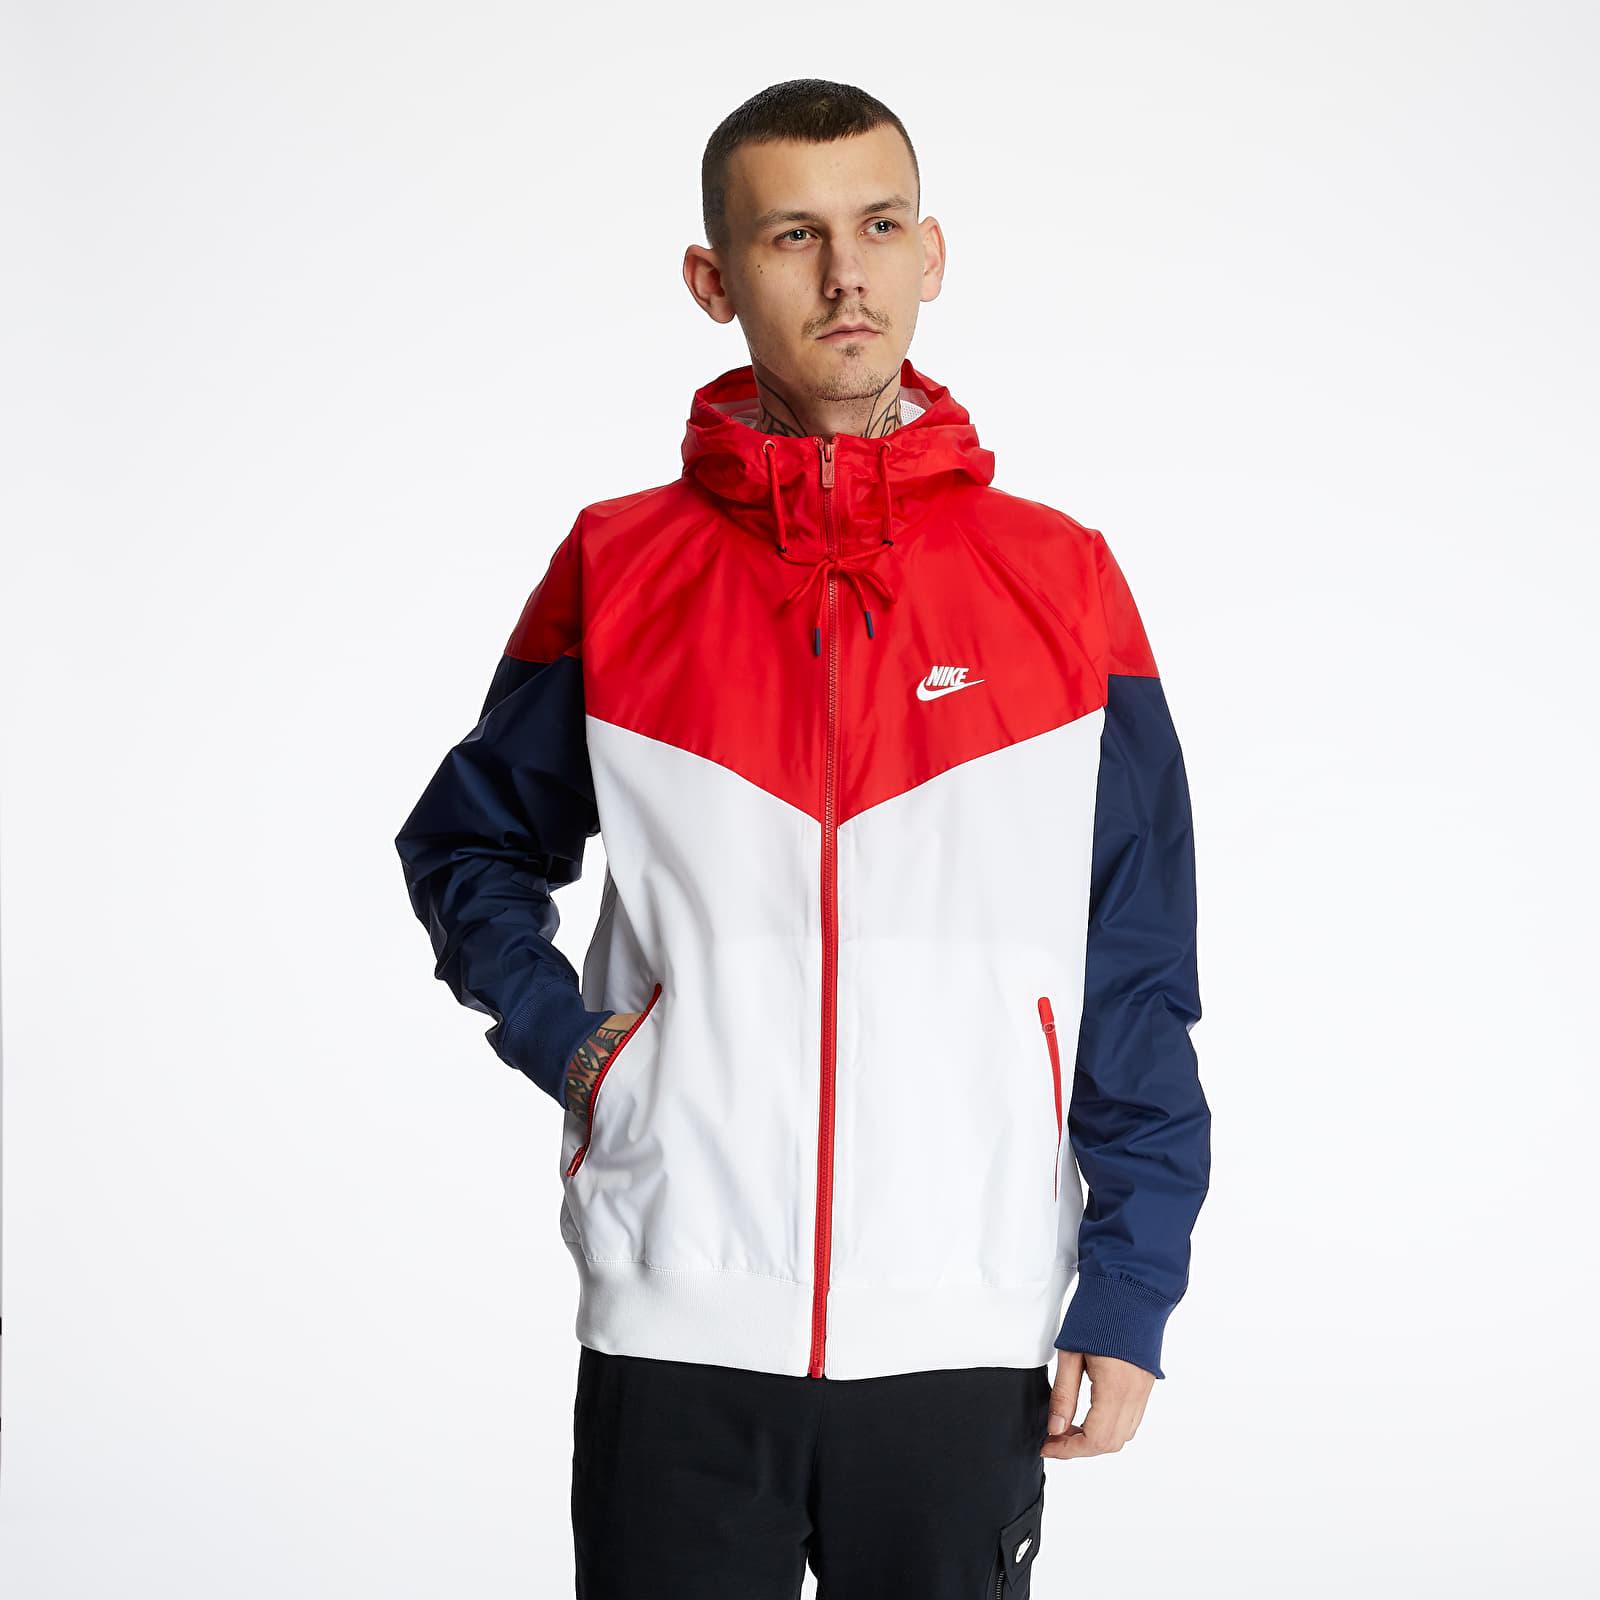 Nike Sportswear SCE Wr Hooded Jacket